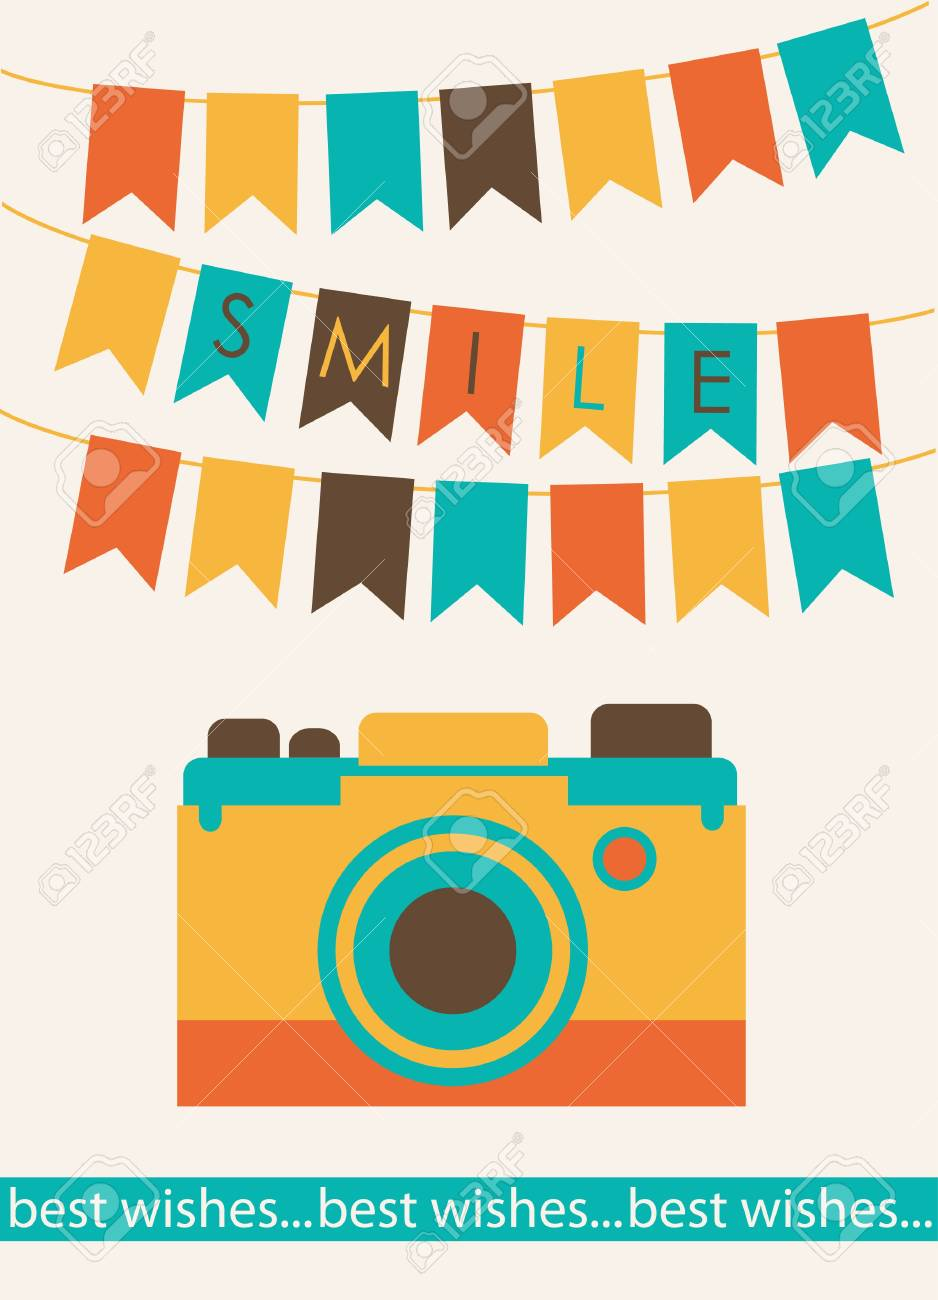 カメラのイラストがかわいいカードのイラスト素材ベクタ Image 22574311